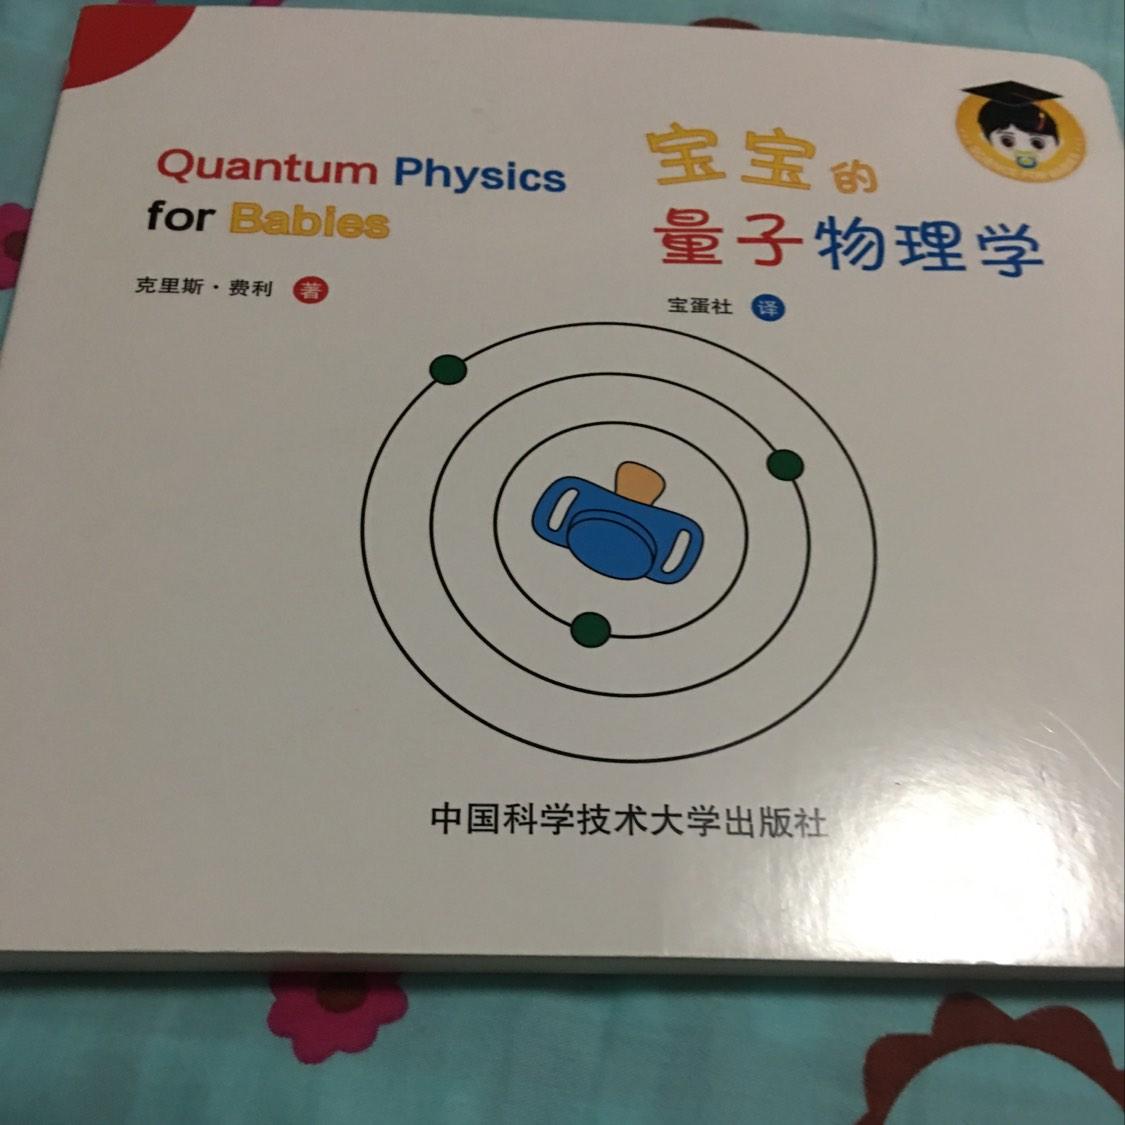 物理学手抄报简单又漂亮初中